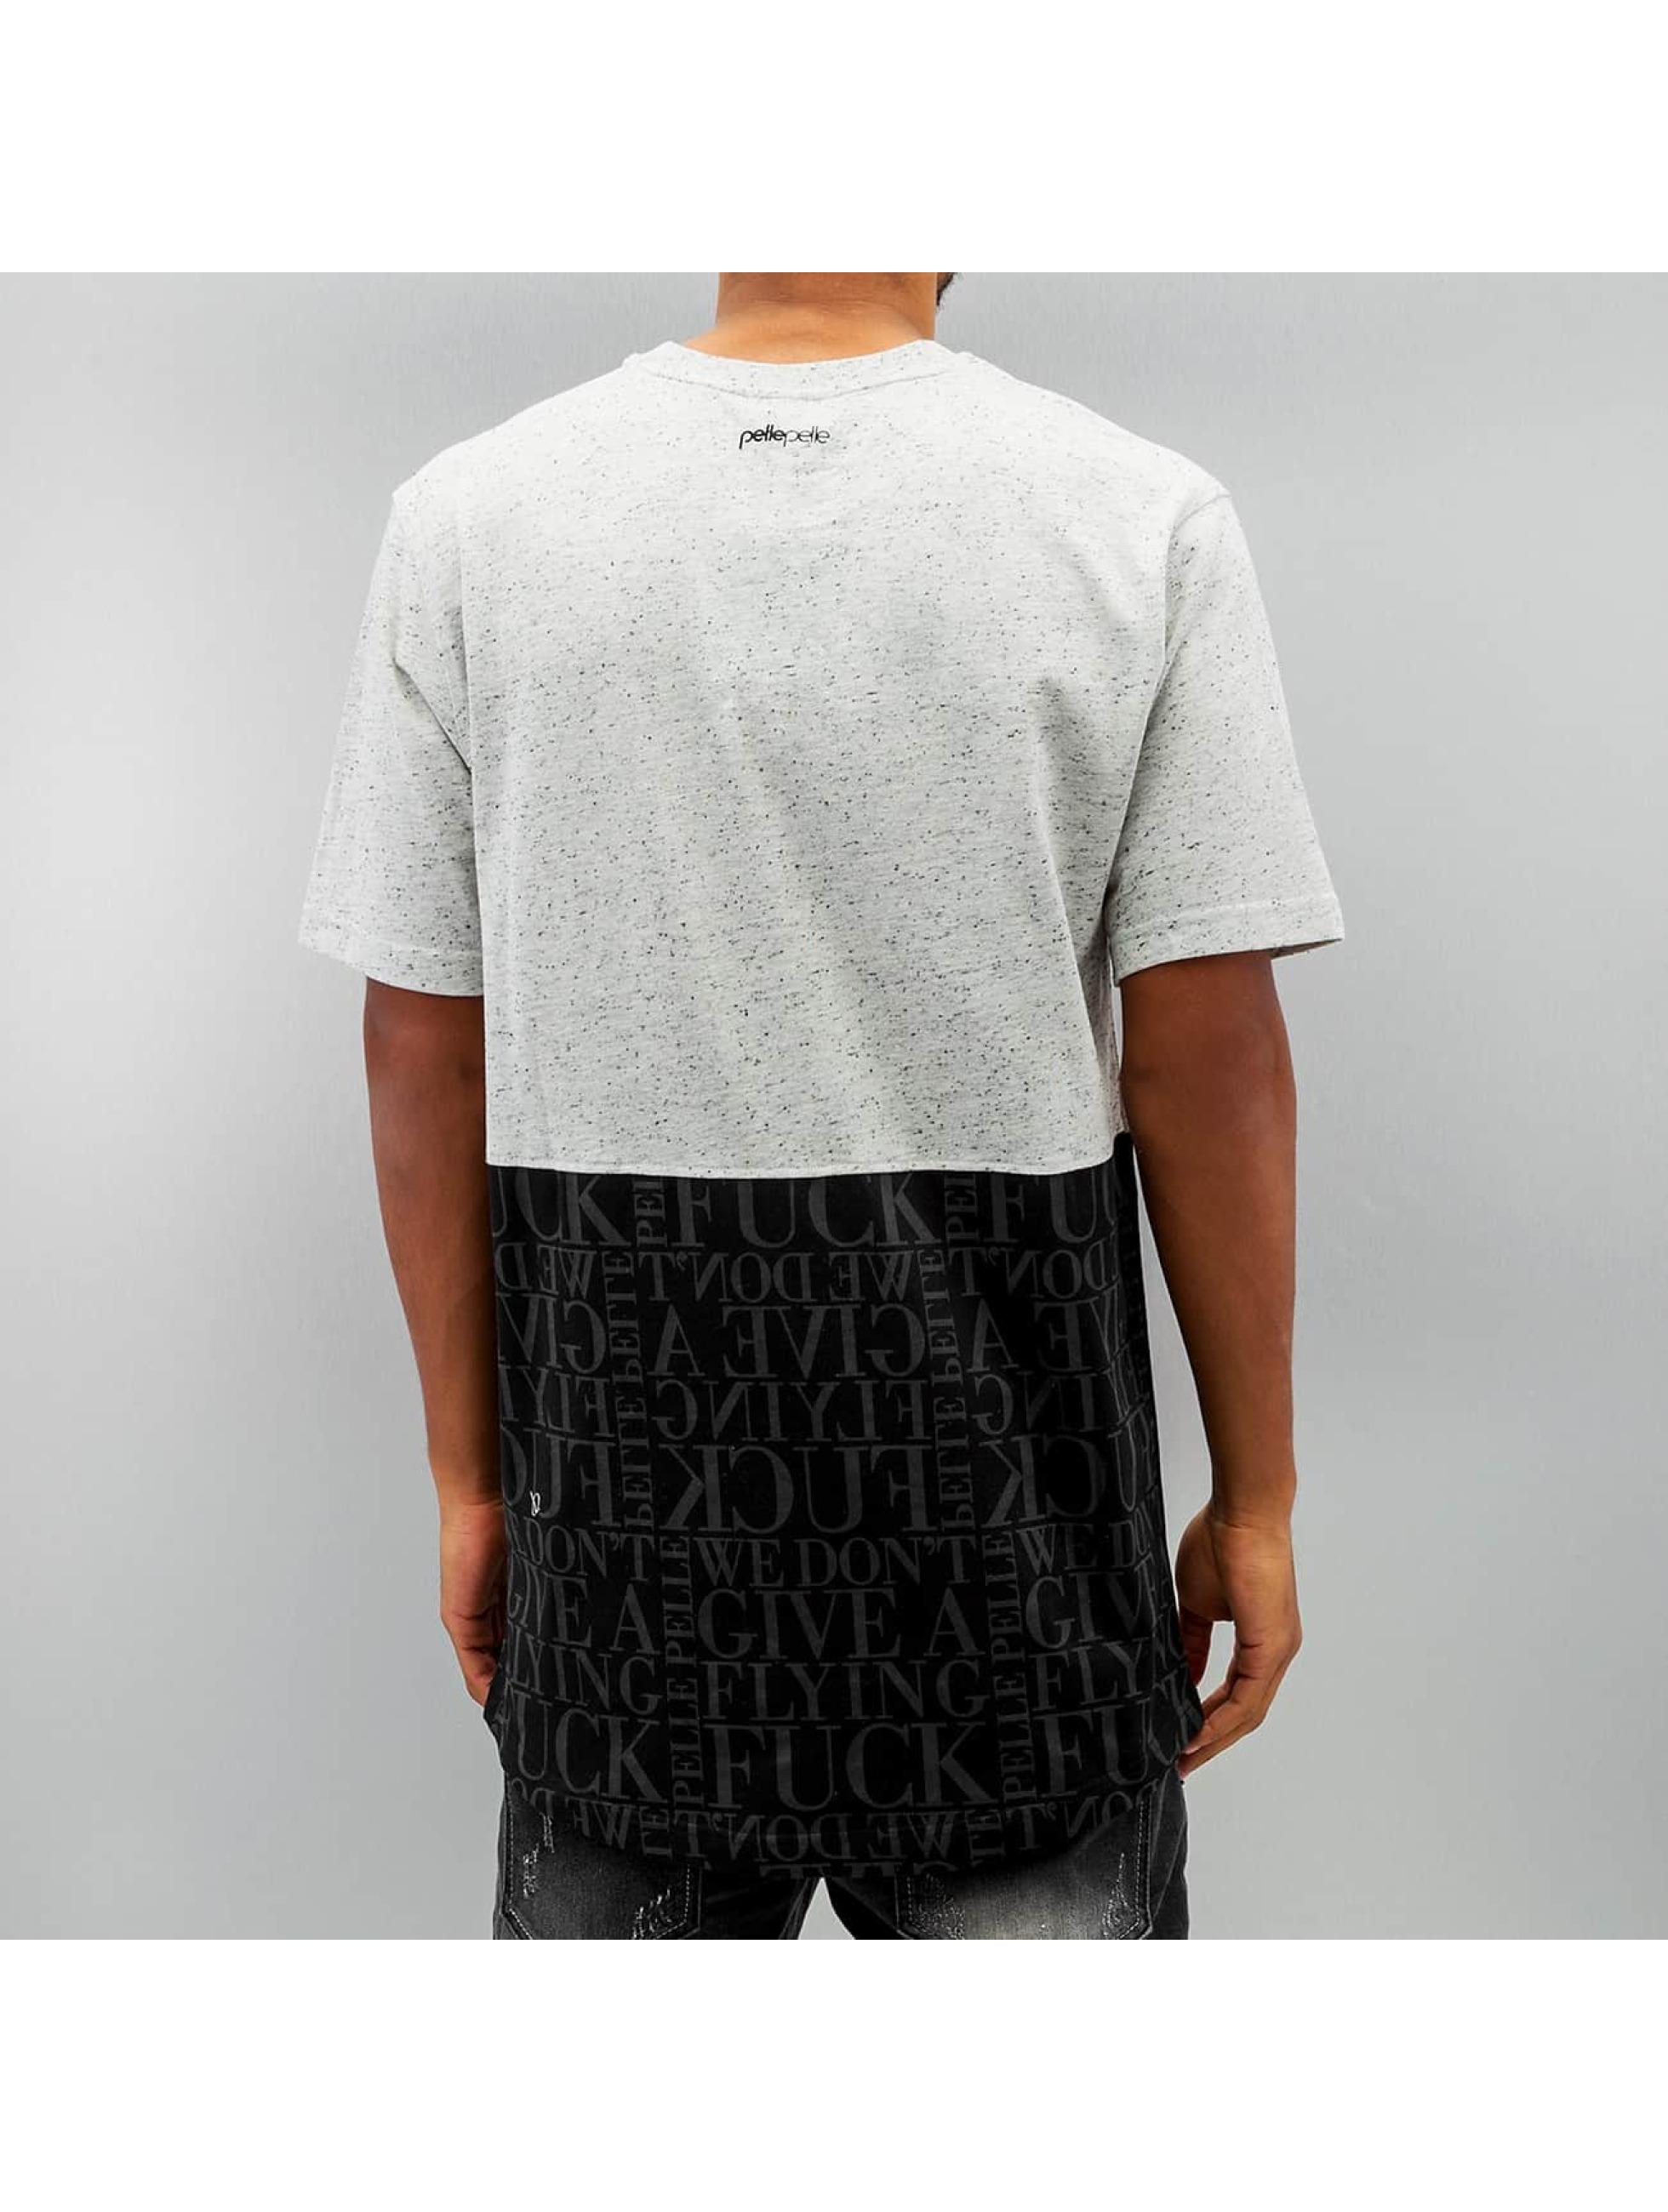 Pelle-Pelle-Uomini-Maglieria-T-shirt-Half-Measures